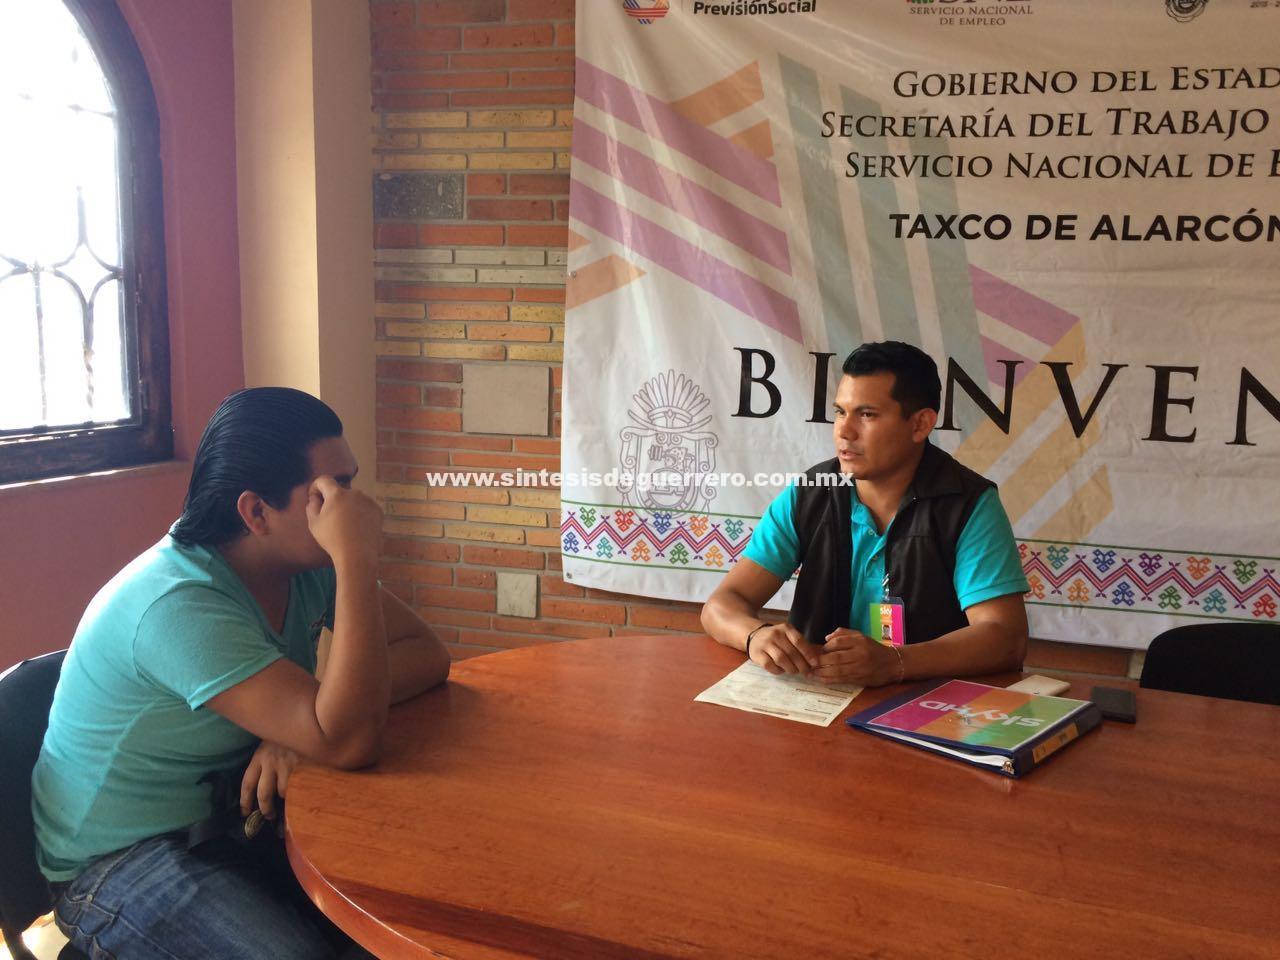 El Gobierno de Guerrero con Un Día por el Empleo y 'Movilidad Laboral, continúan beneficiando a mas guerrerenses